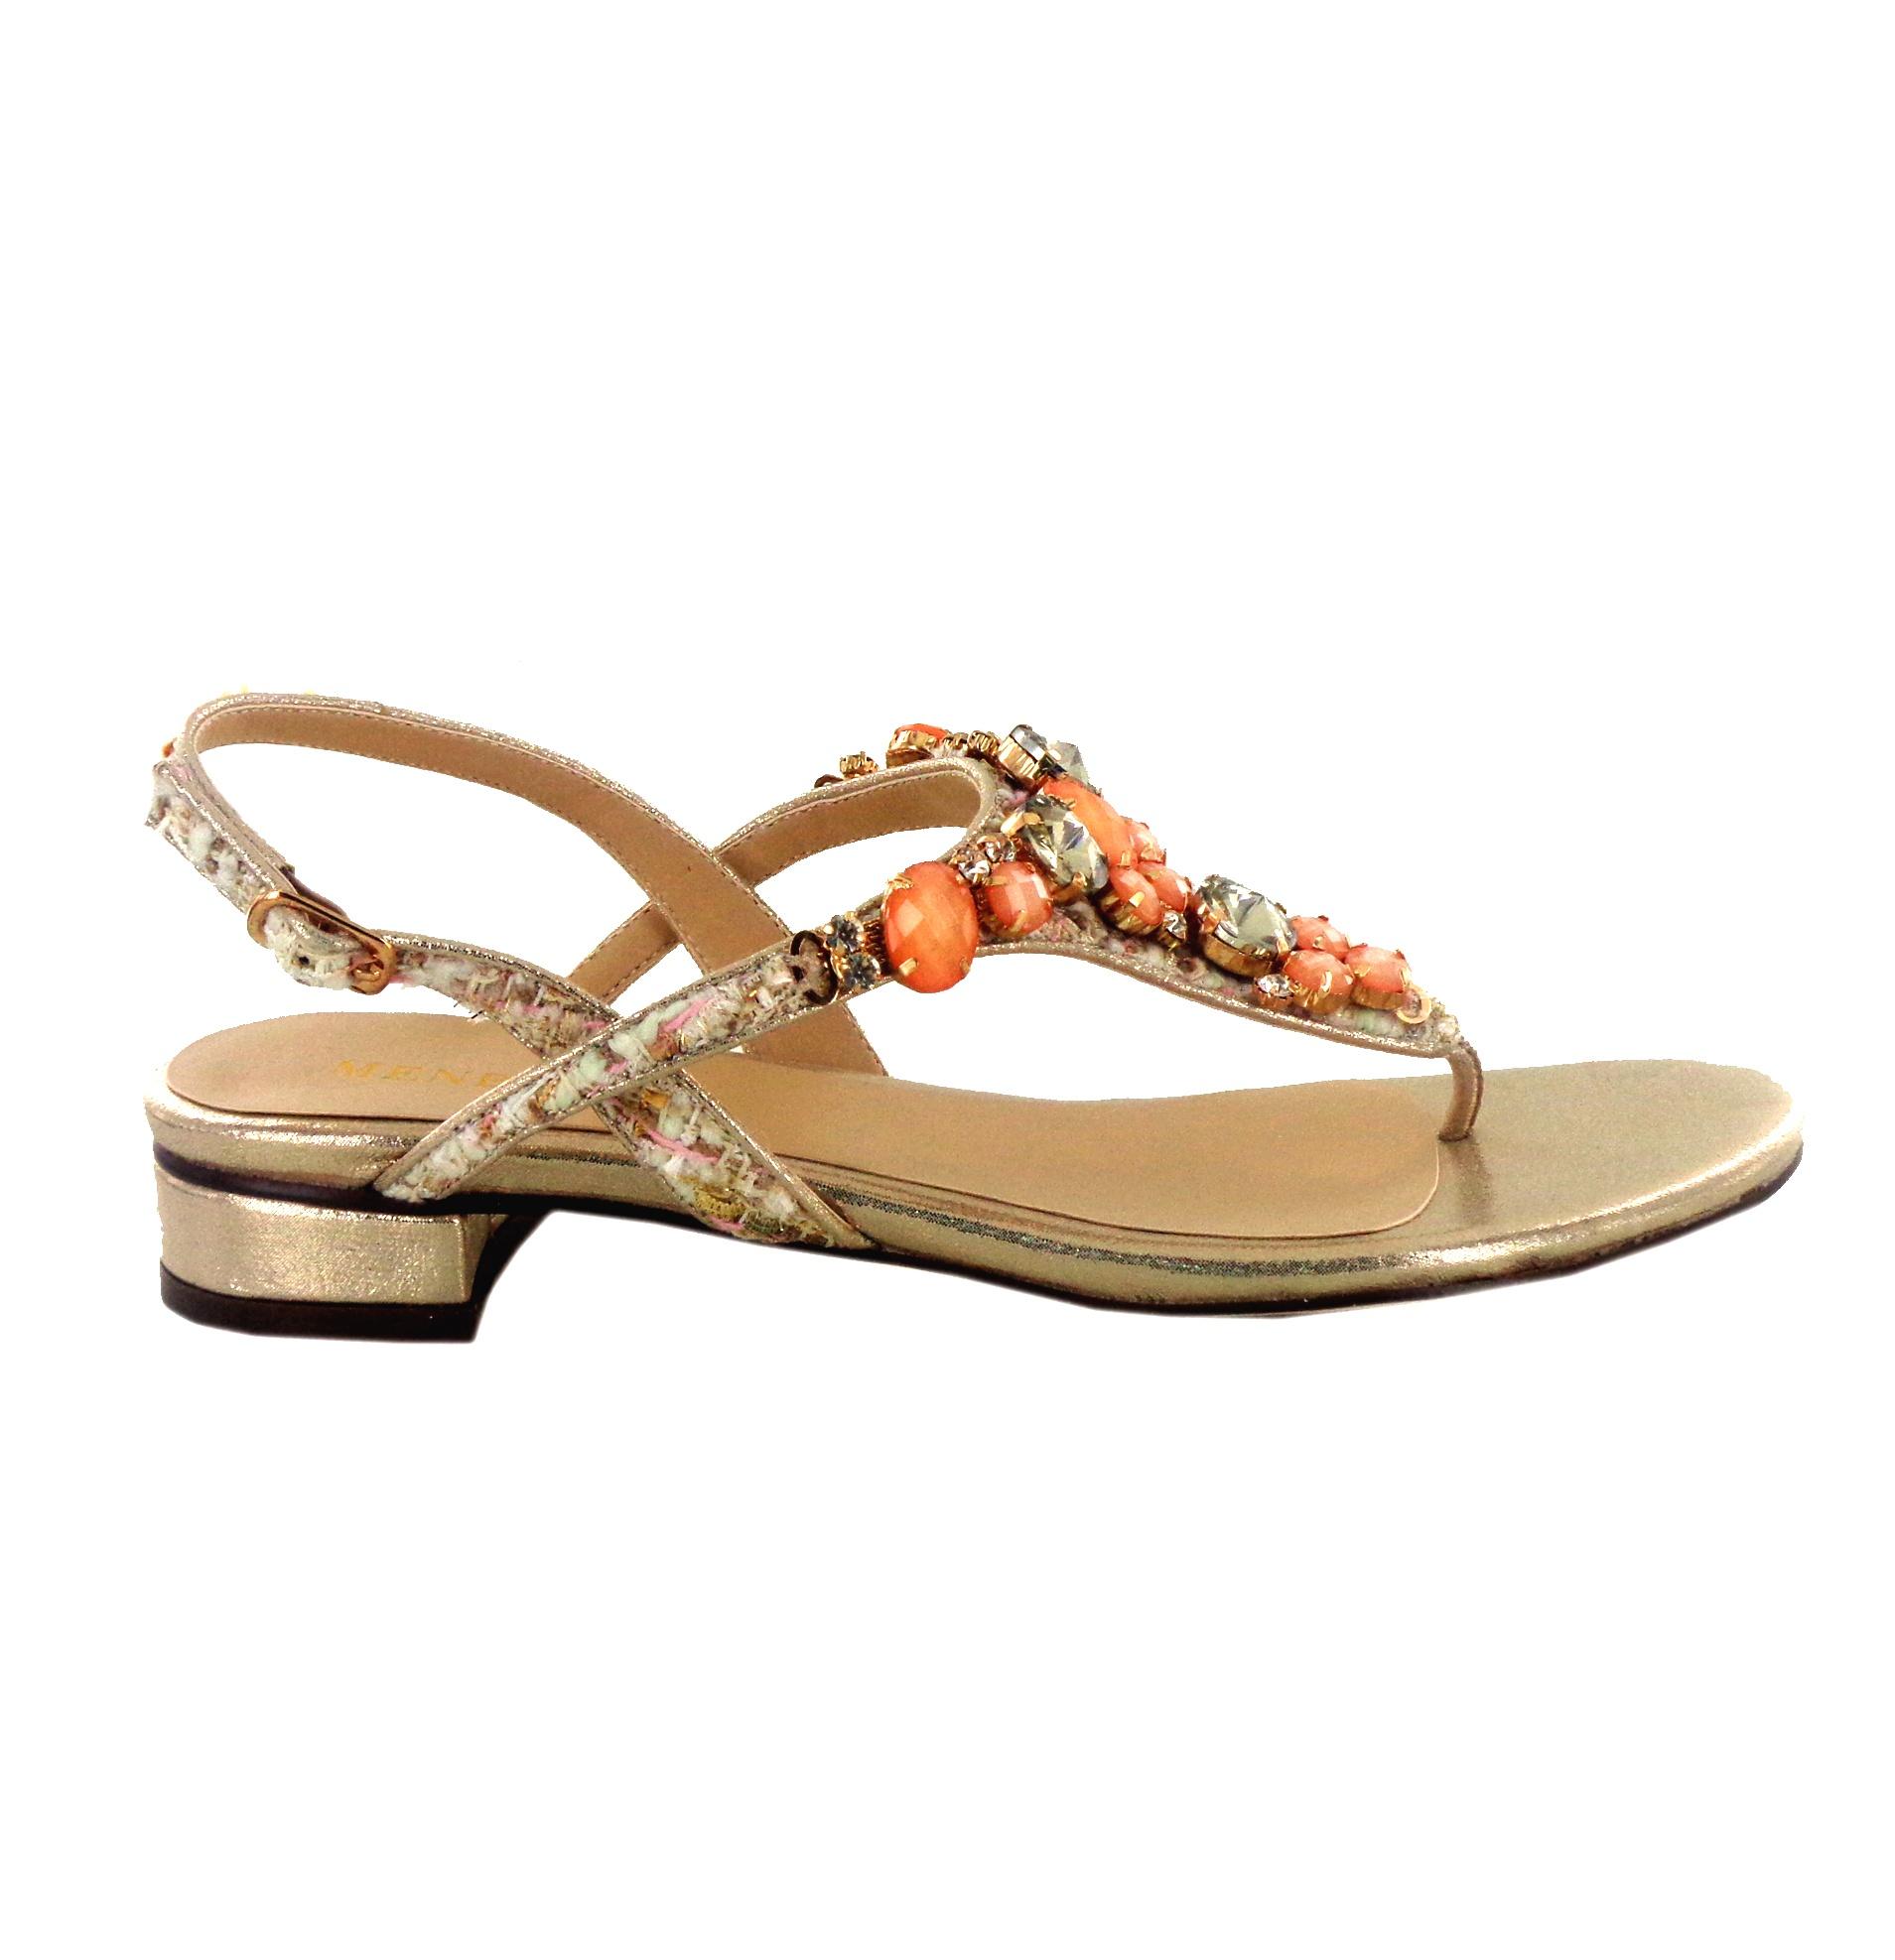 Abril shoes SandaliasCueroBlanco Auténtico en línea Últimas colecciones en línea baratas Con Paypal Envío gratis Auténtico EJVfru3c